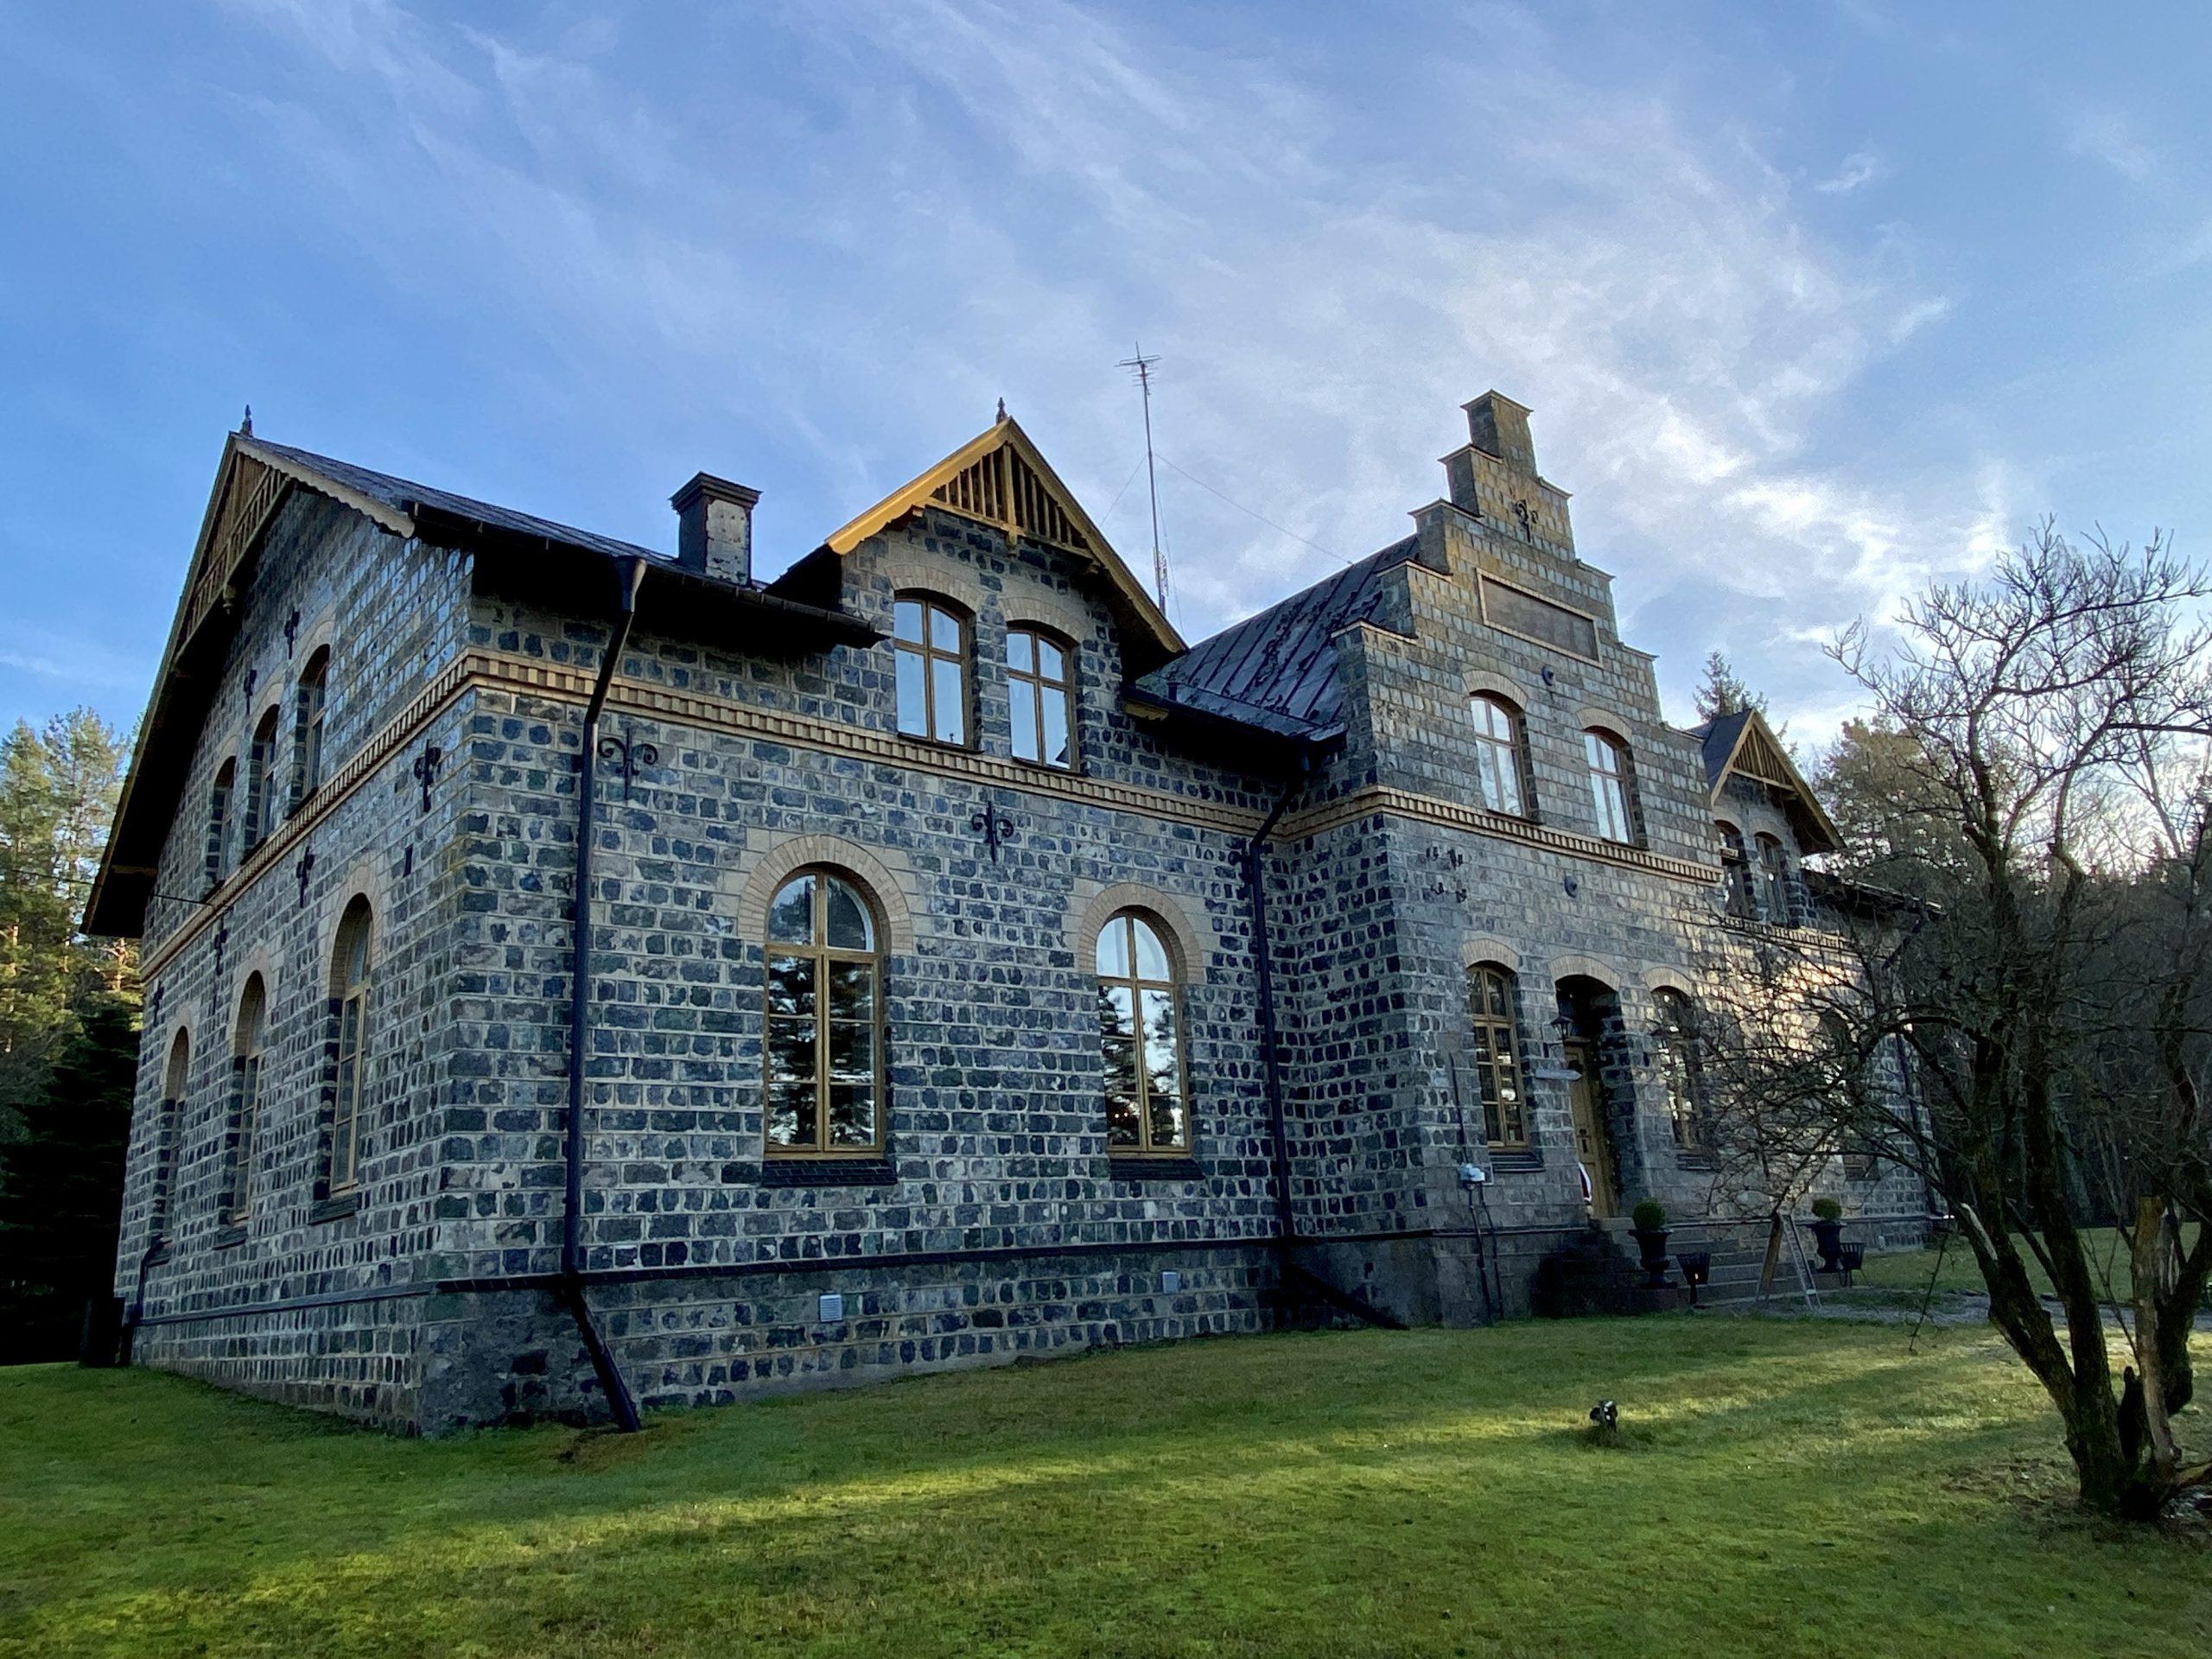 Stens hus